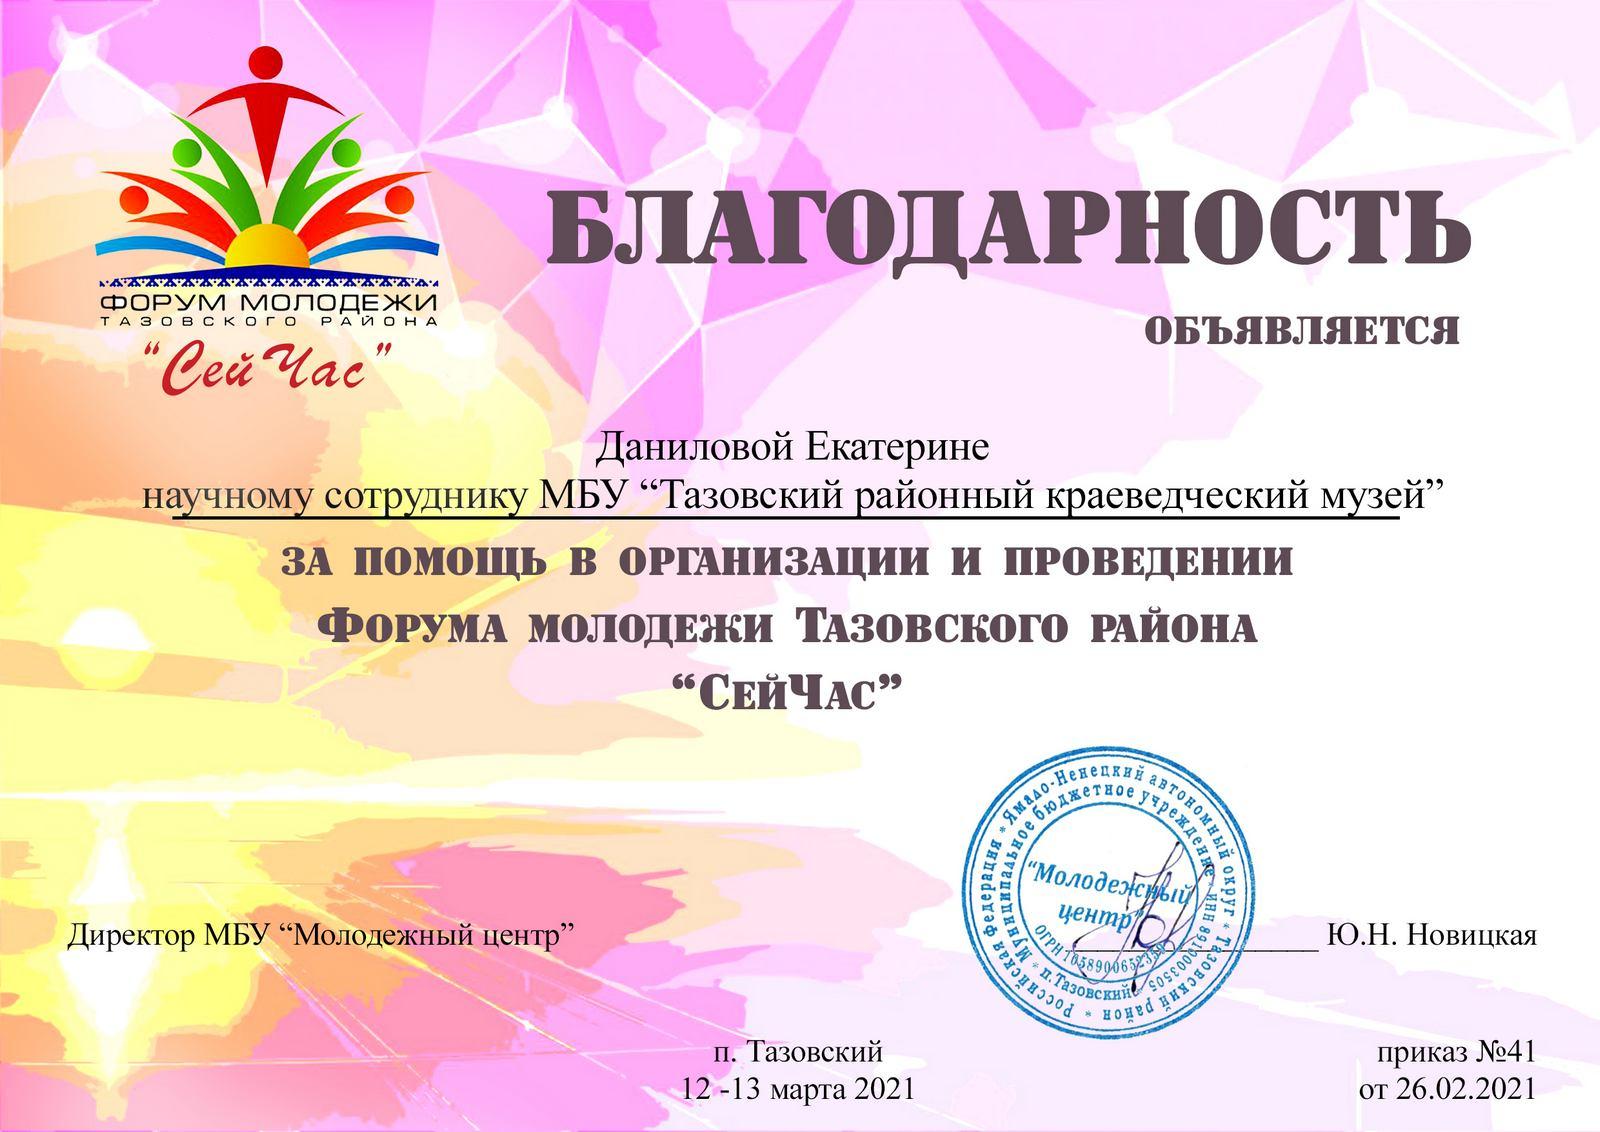 Даниловой